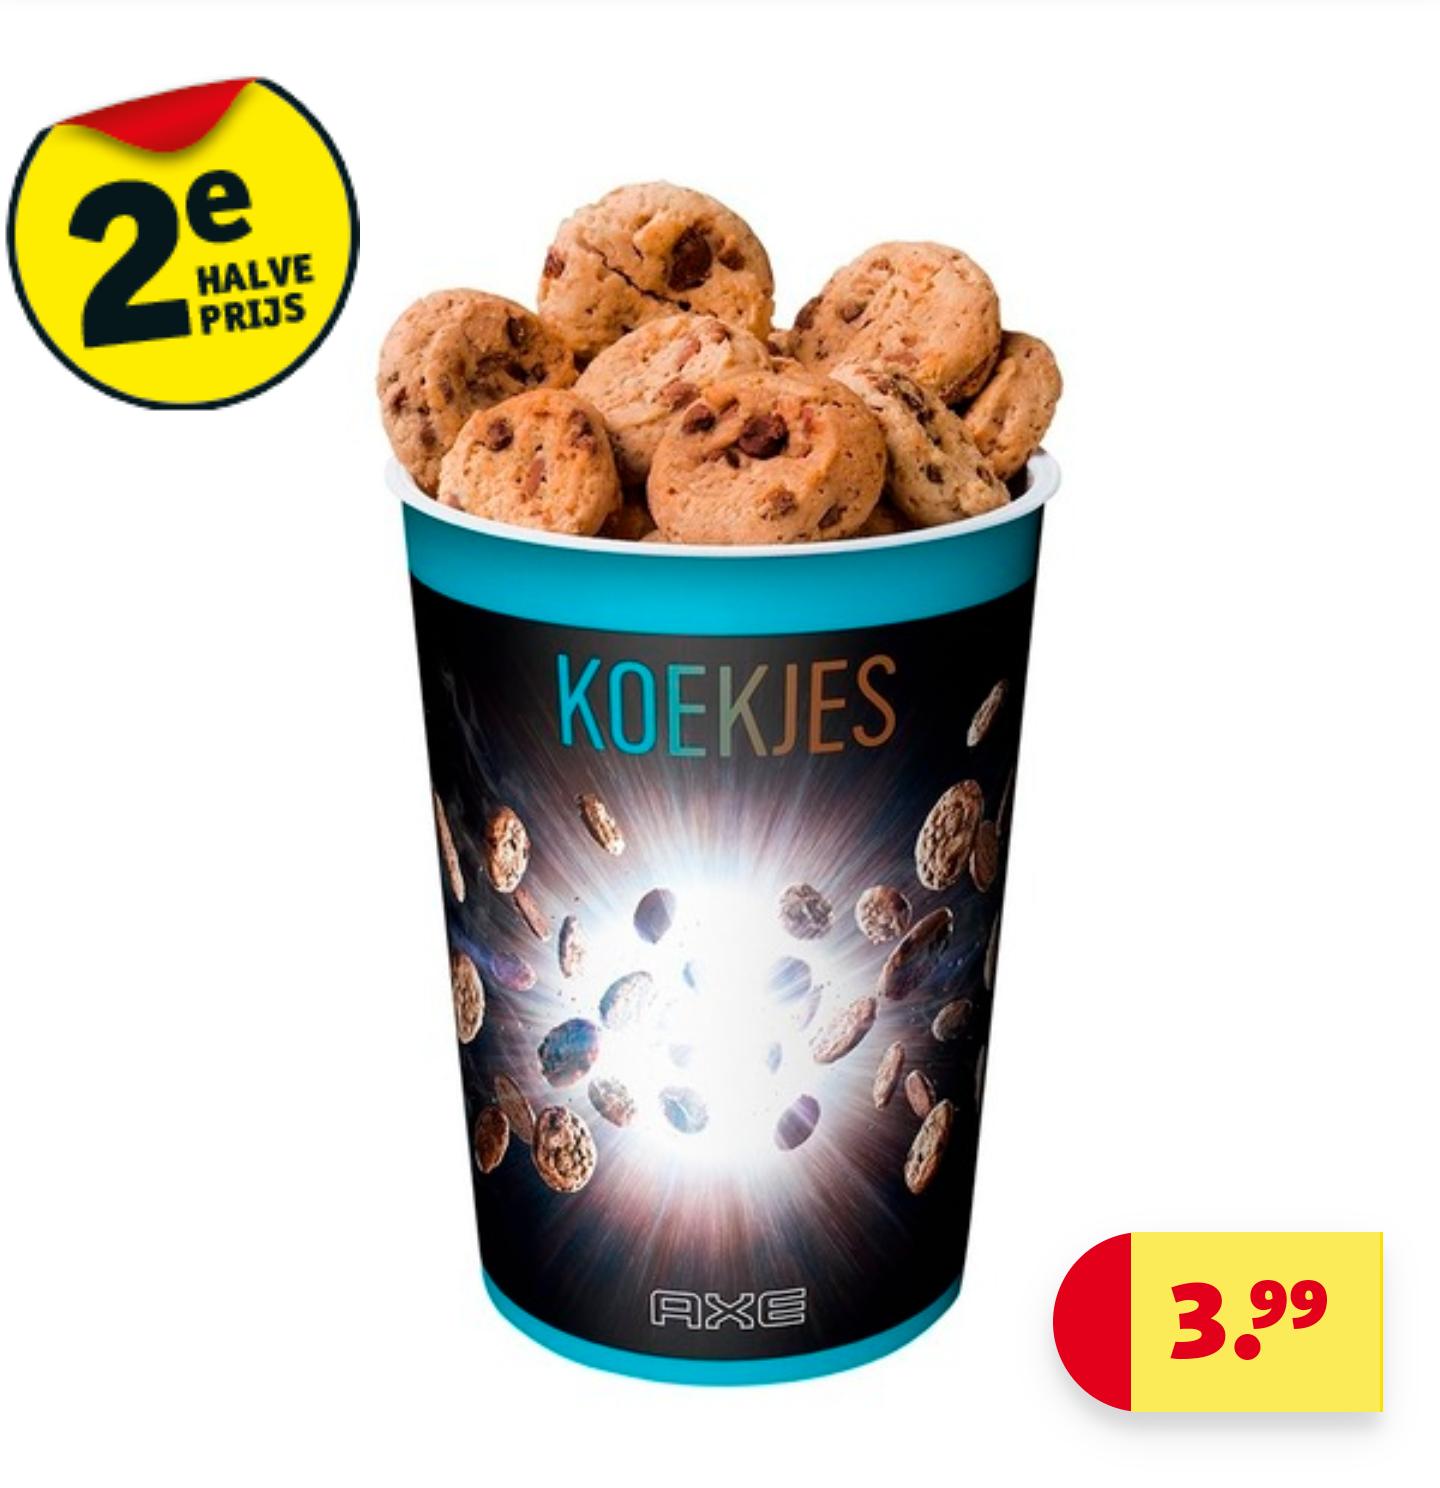 Gratis koekjes en 2e halve prijs bij aankoop van 2 Axe actieproducten @ Kruidvat